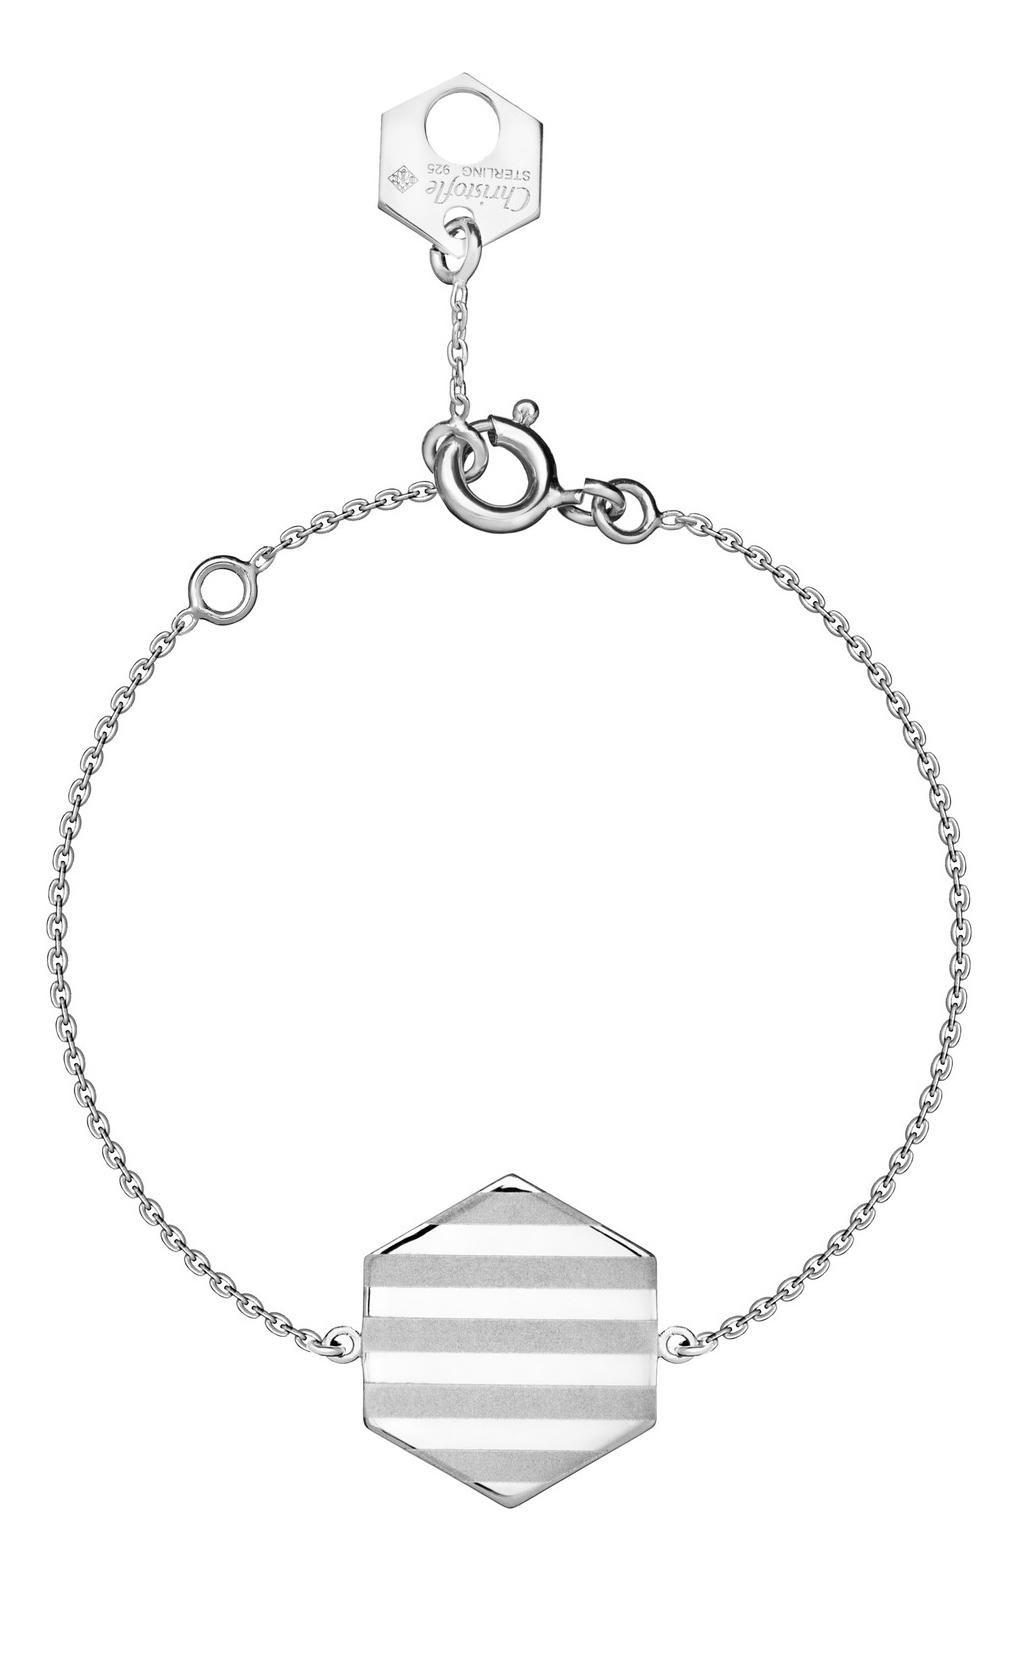 bracelet christofle beebee 06760020. Black Bedroom Furniture Sets. Home Design Ideas